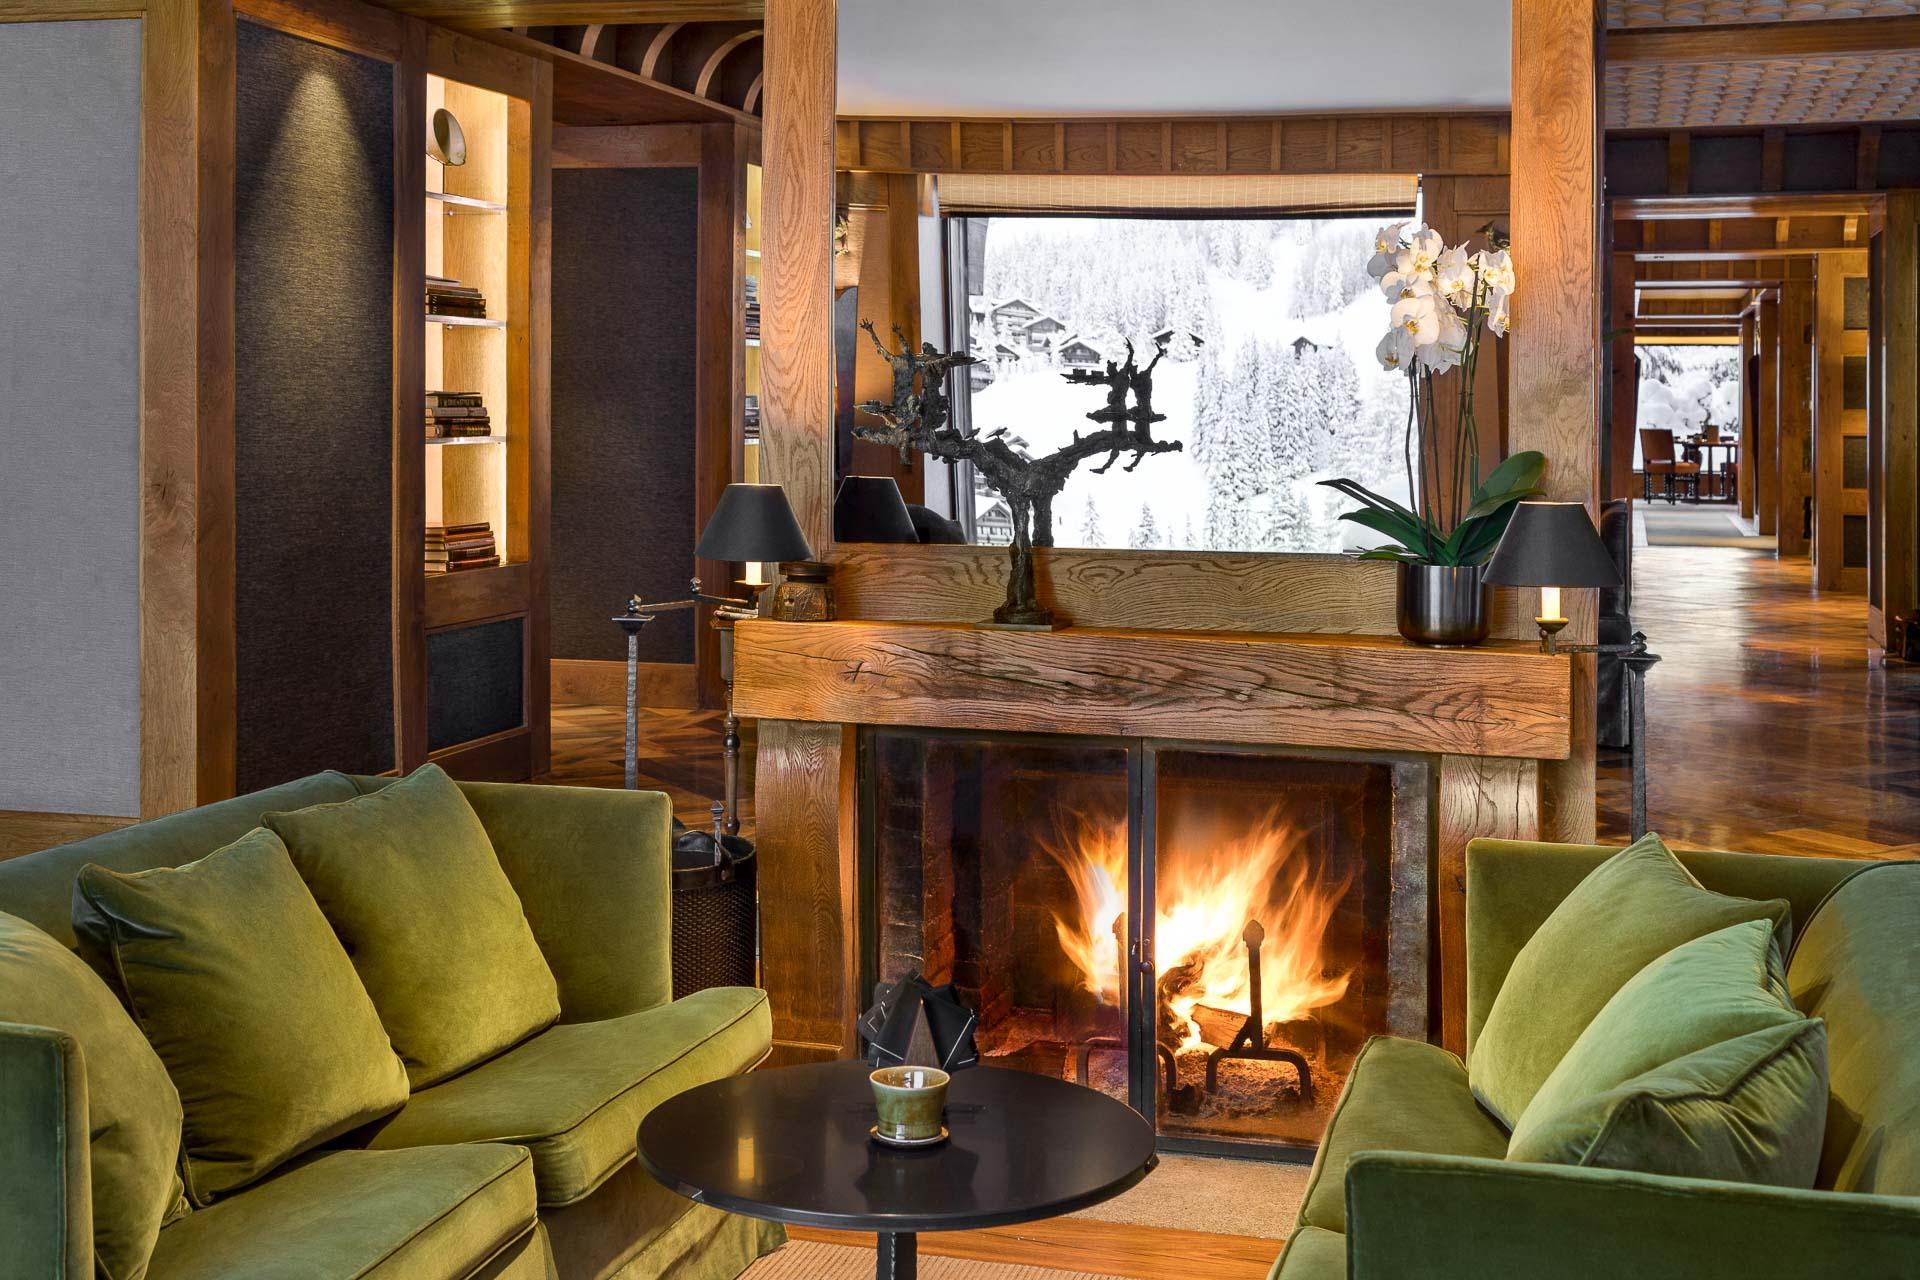 Aman Le Mélézin - Feu de cheminée dans les salons de l'hôtel© Aman